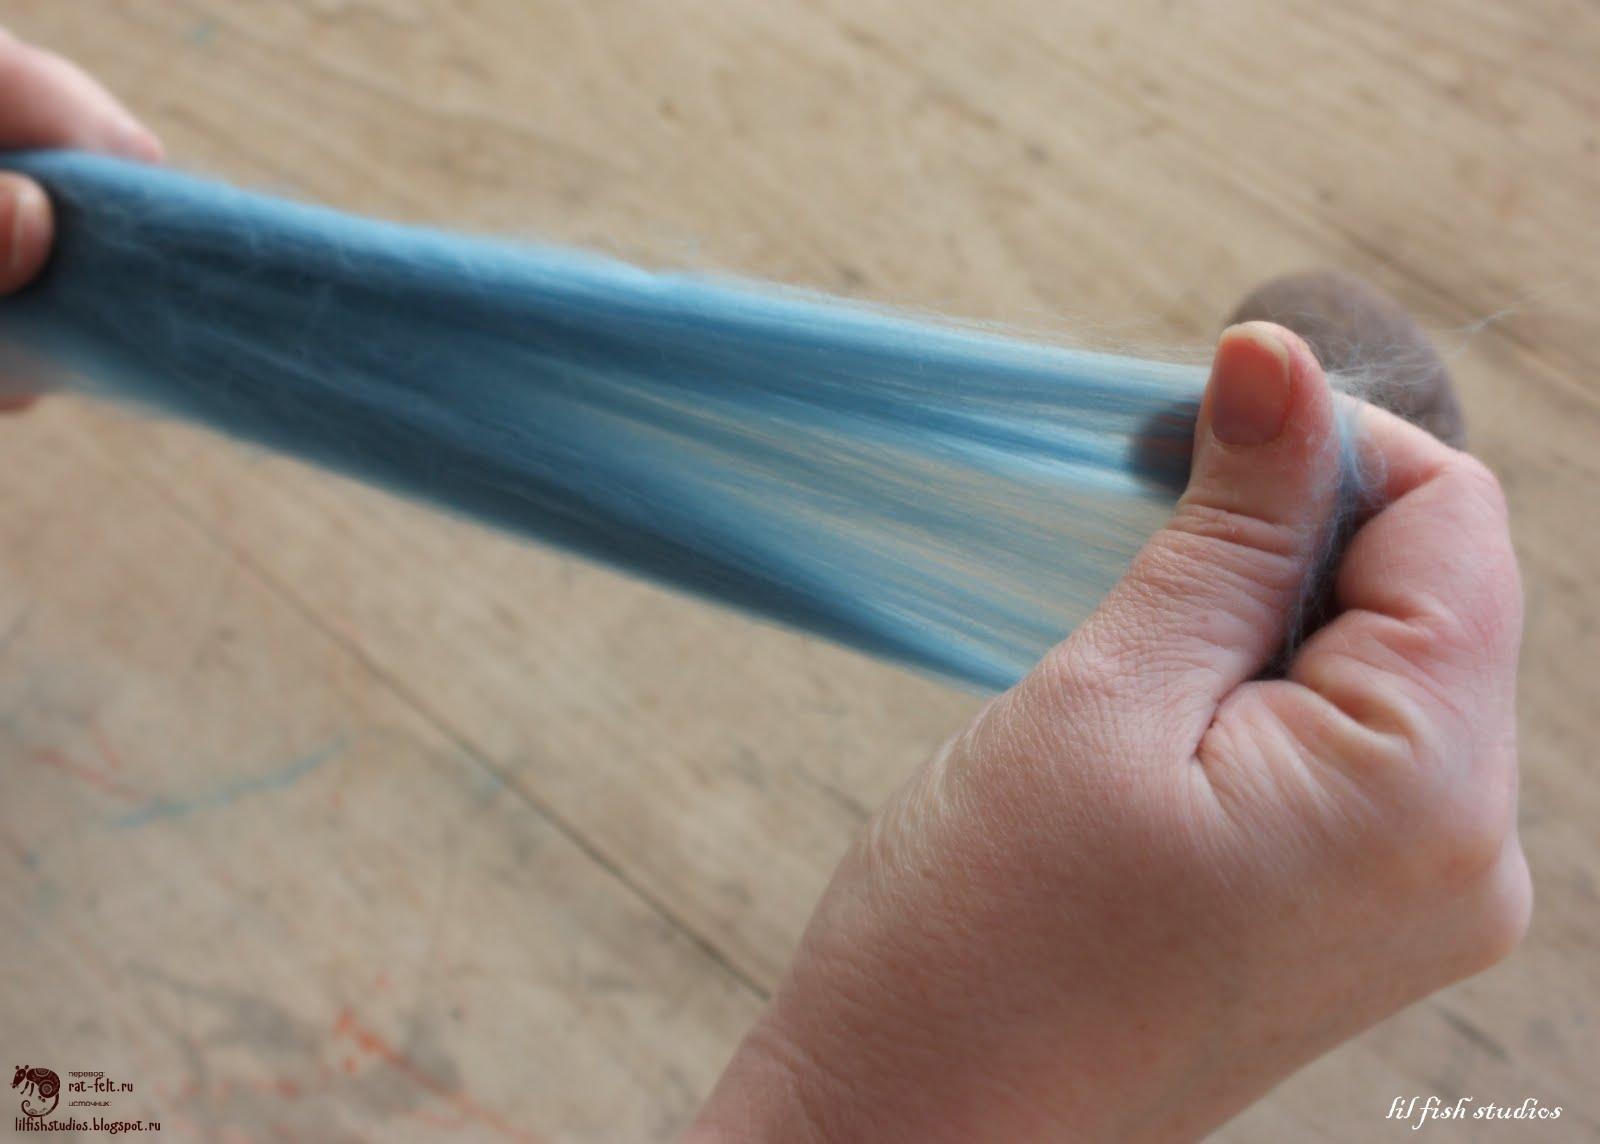 Волокна шерсти для мокрого валяния